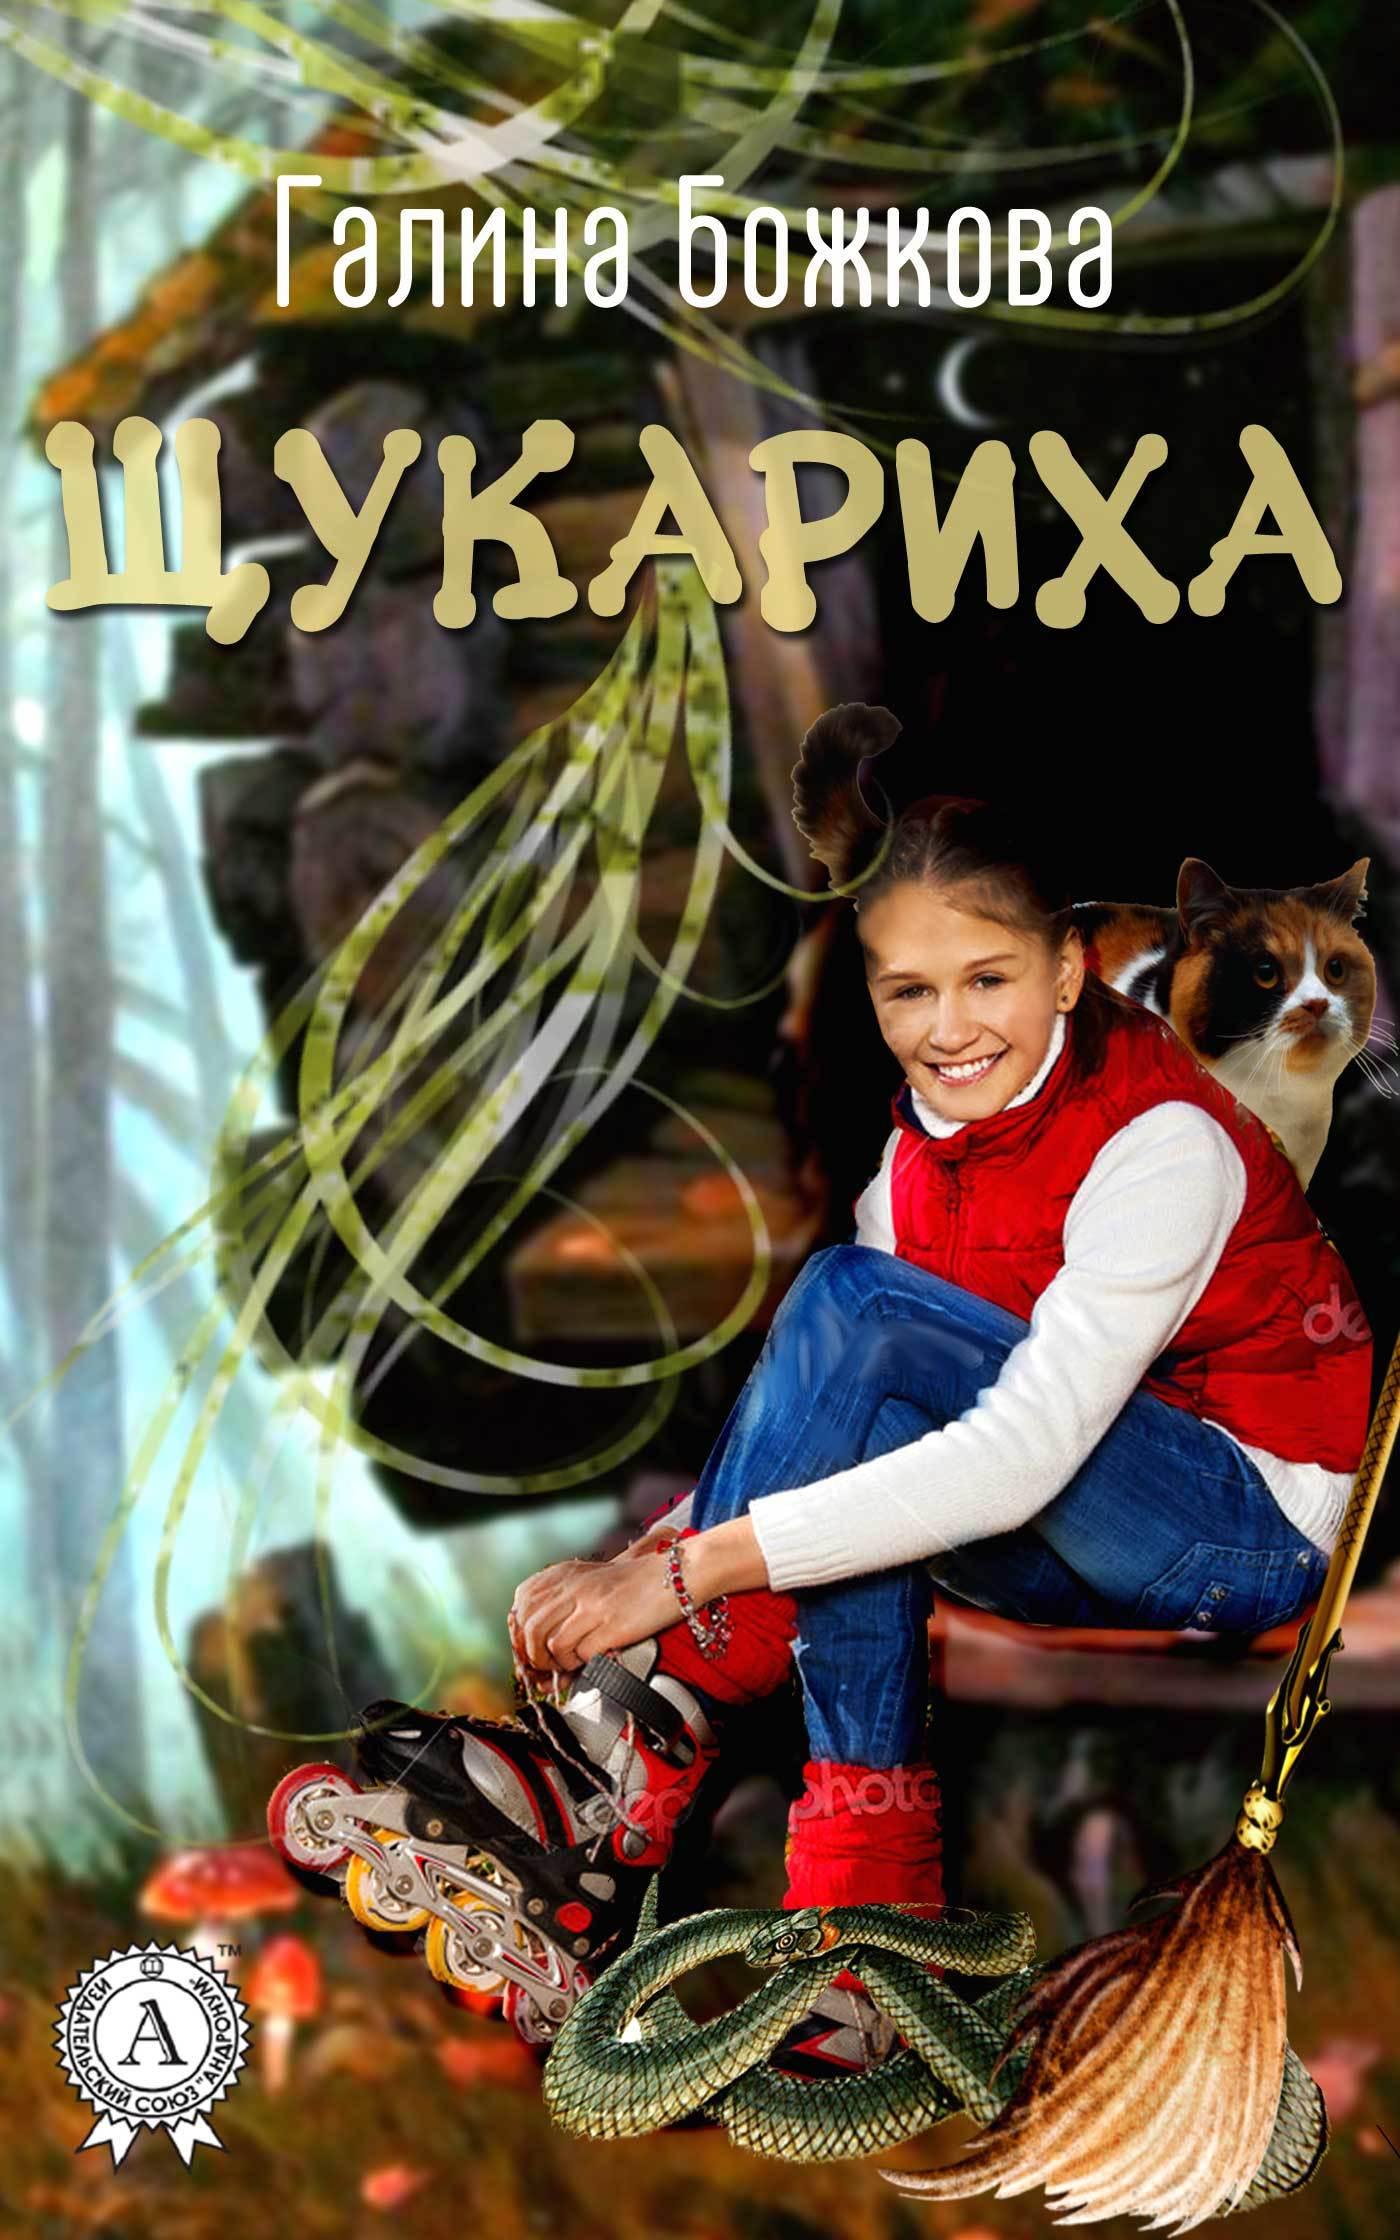 Галина Божкова - Щукариха